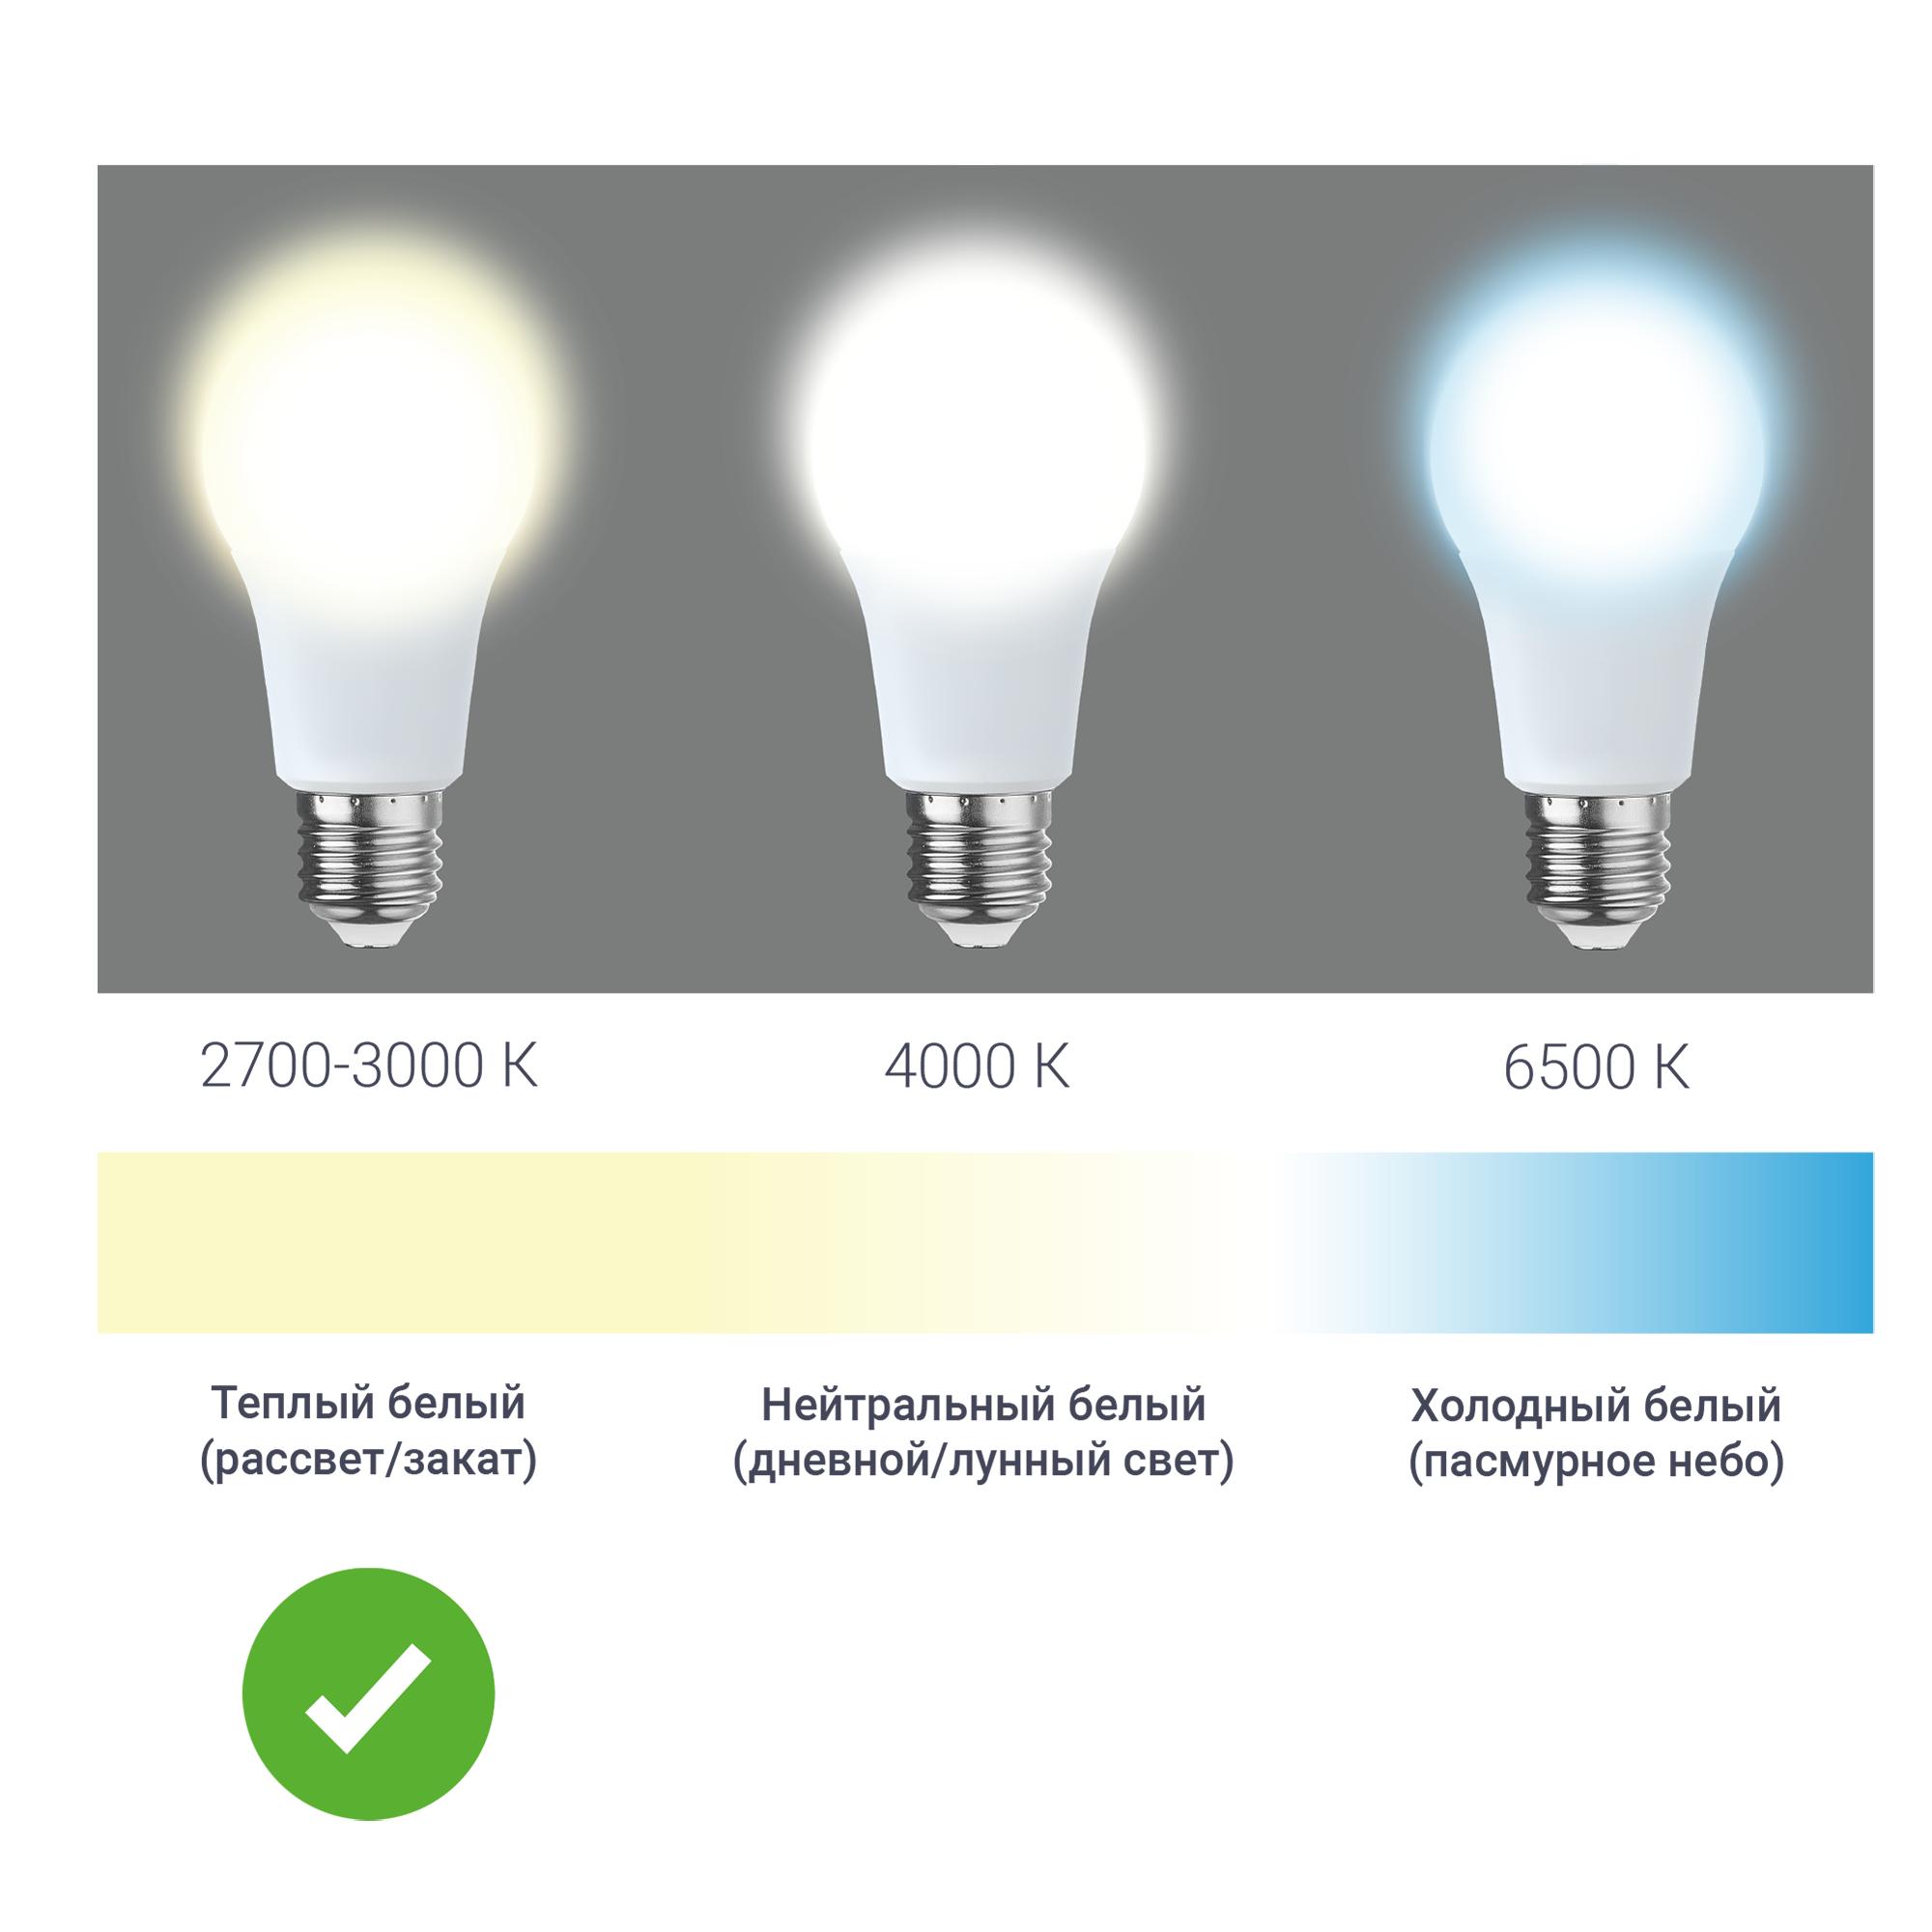 Лампа светодиодная Lexman E14 220 В 5 Вт свеча матовая 470 лм тёплый белый свет